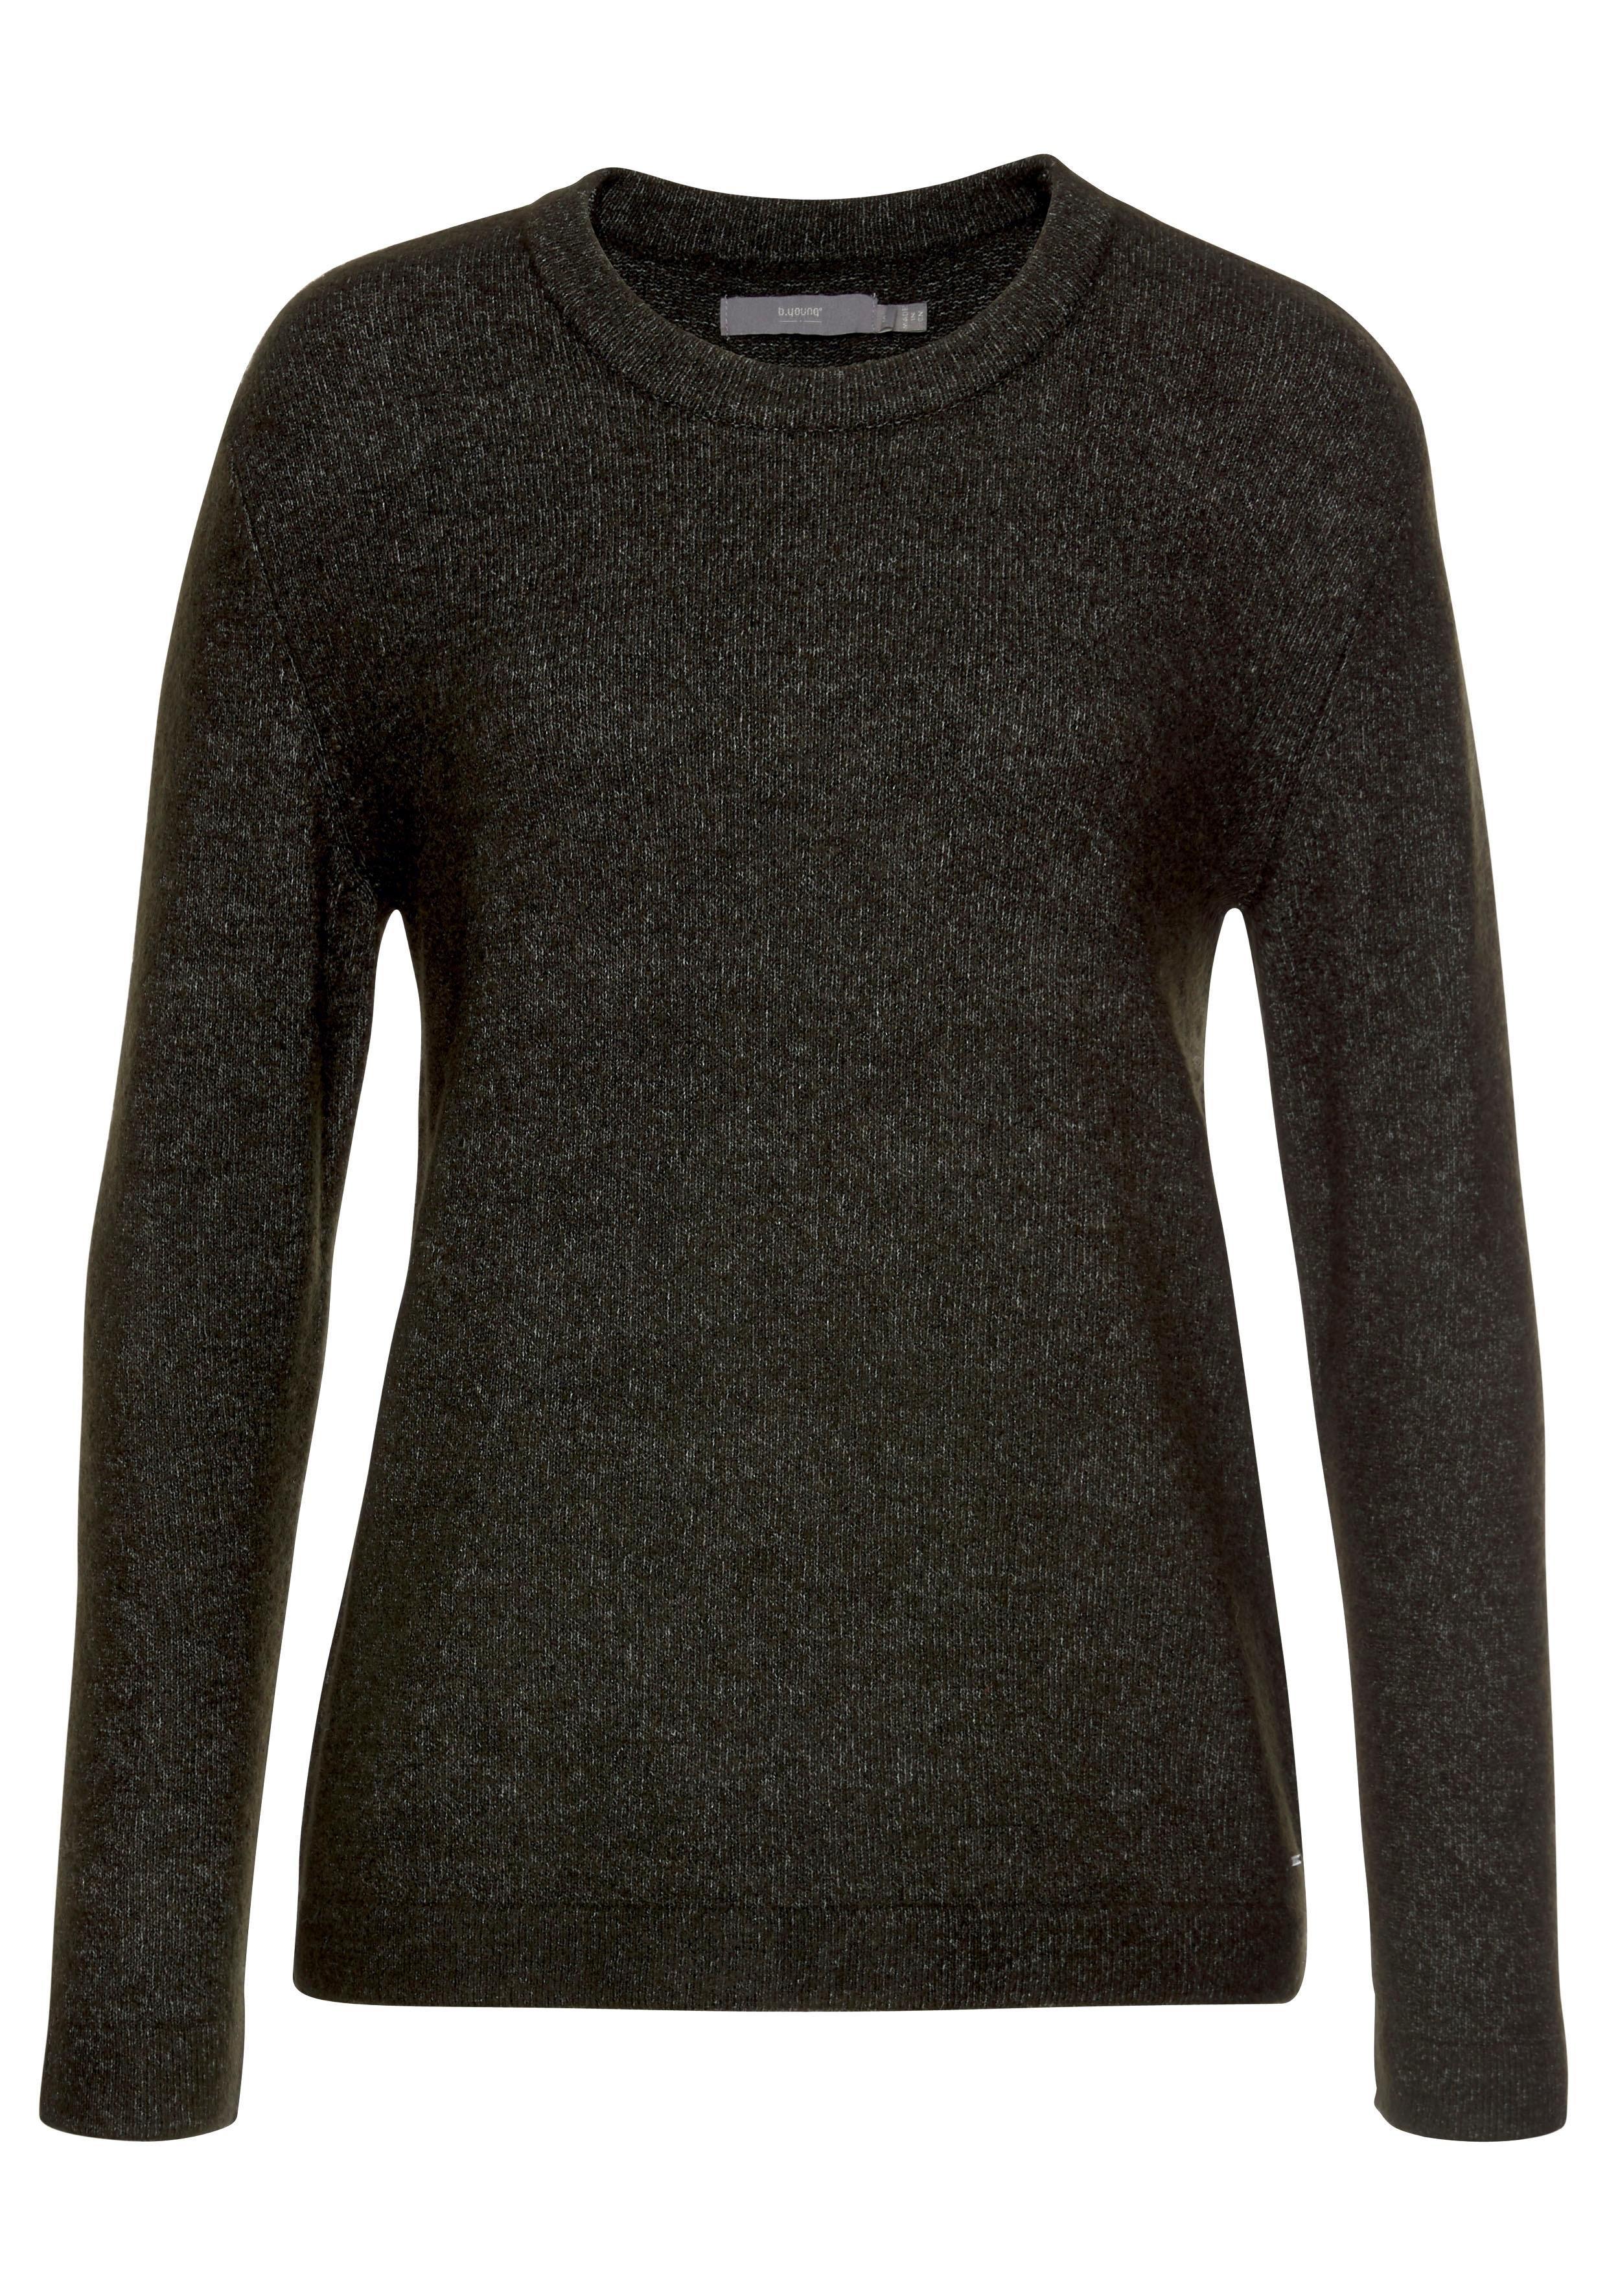 B.young gebreide trui bestellen: 14 dagen bedenktijd